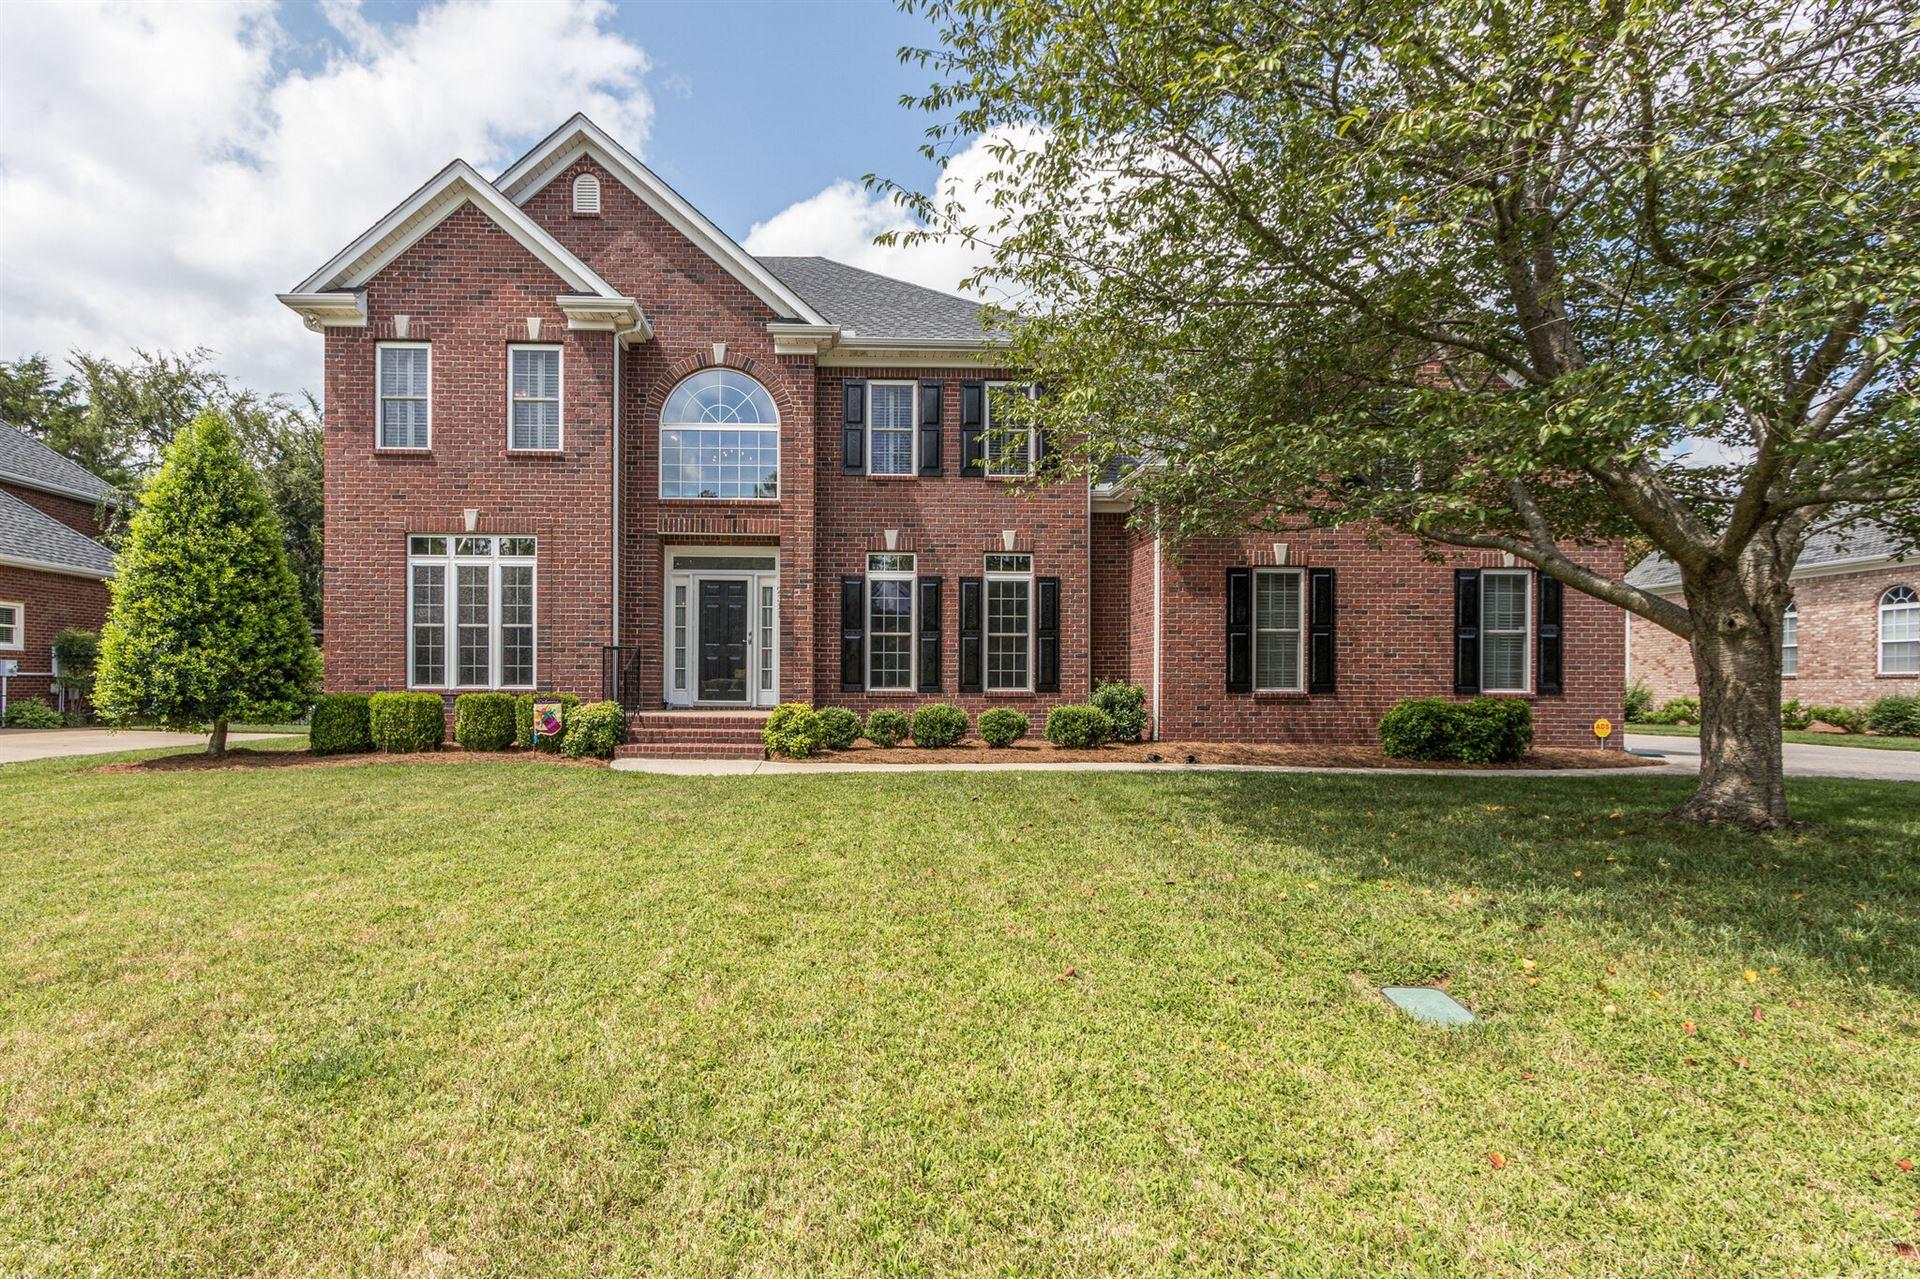 2311 Chasteen Ct, Murfreesboro, TN 37130 - MLS#: 2178453